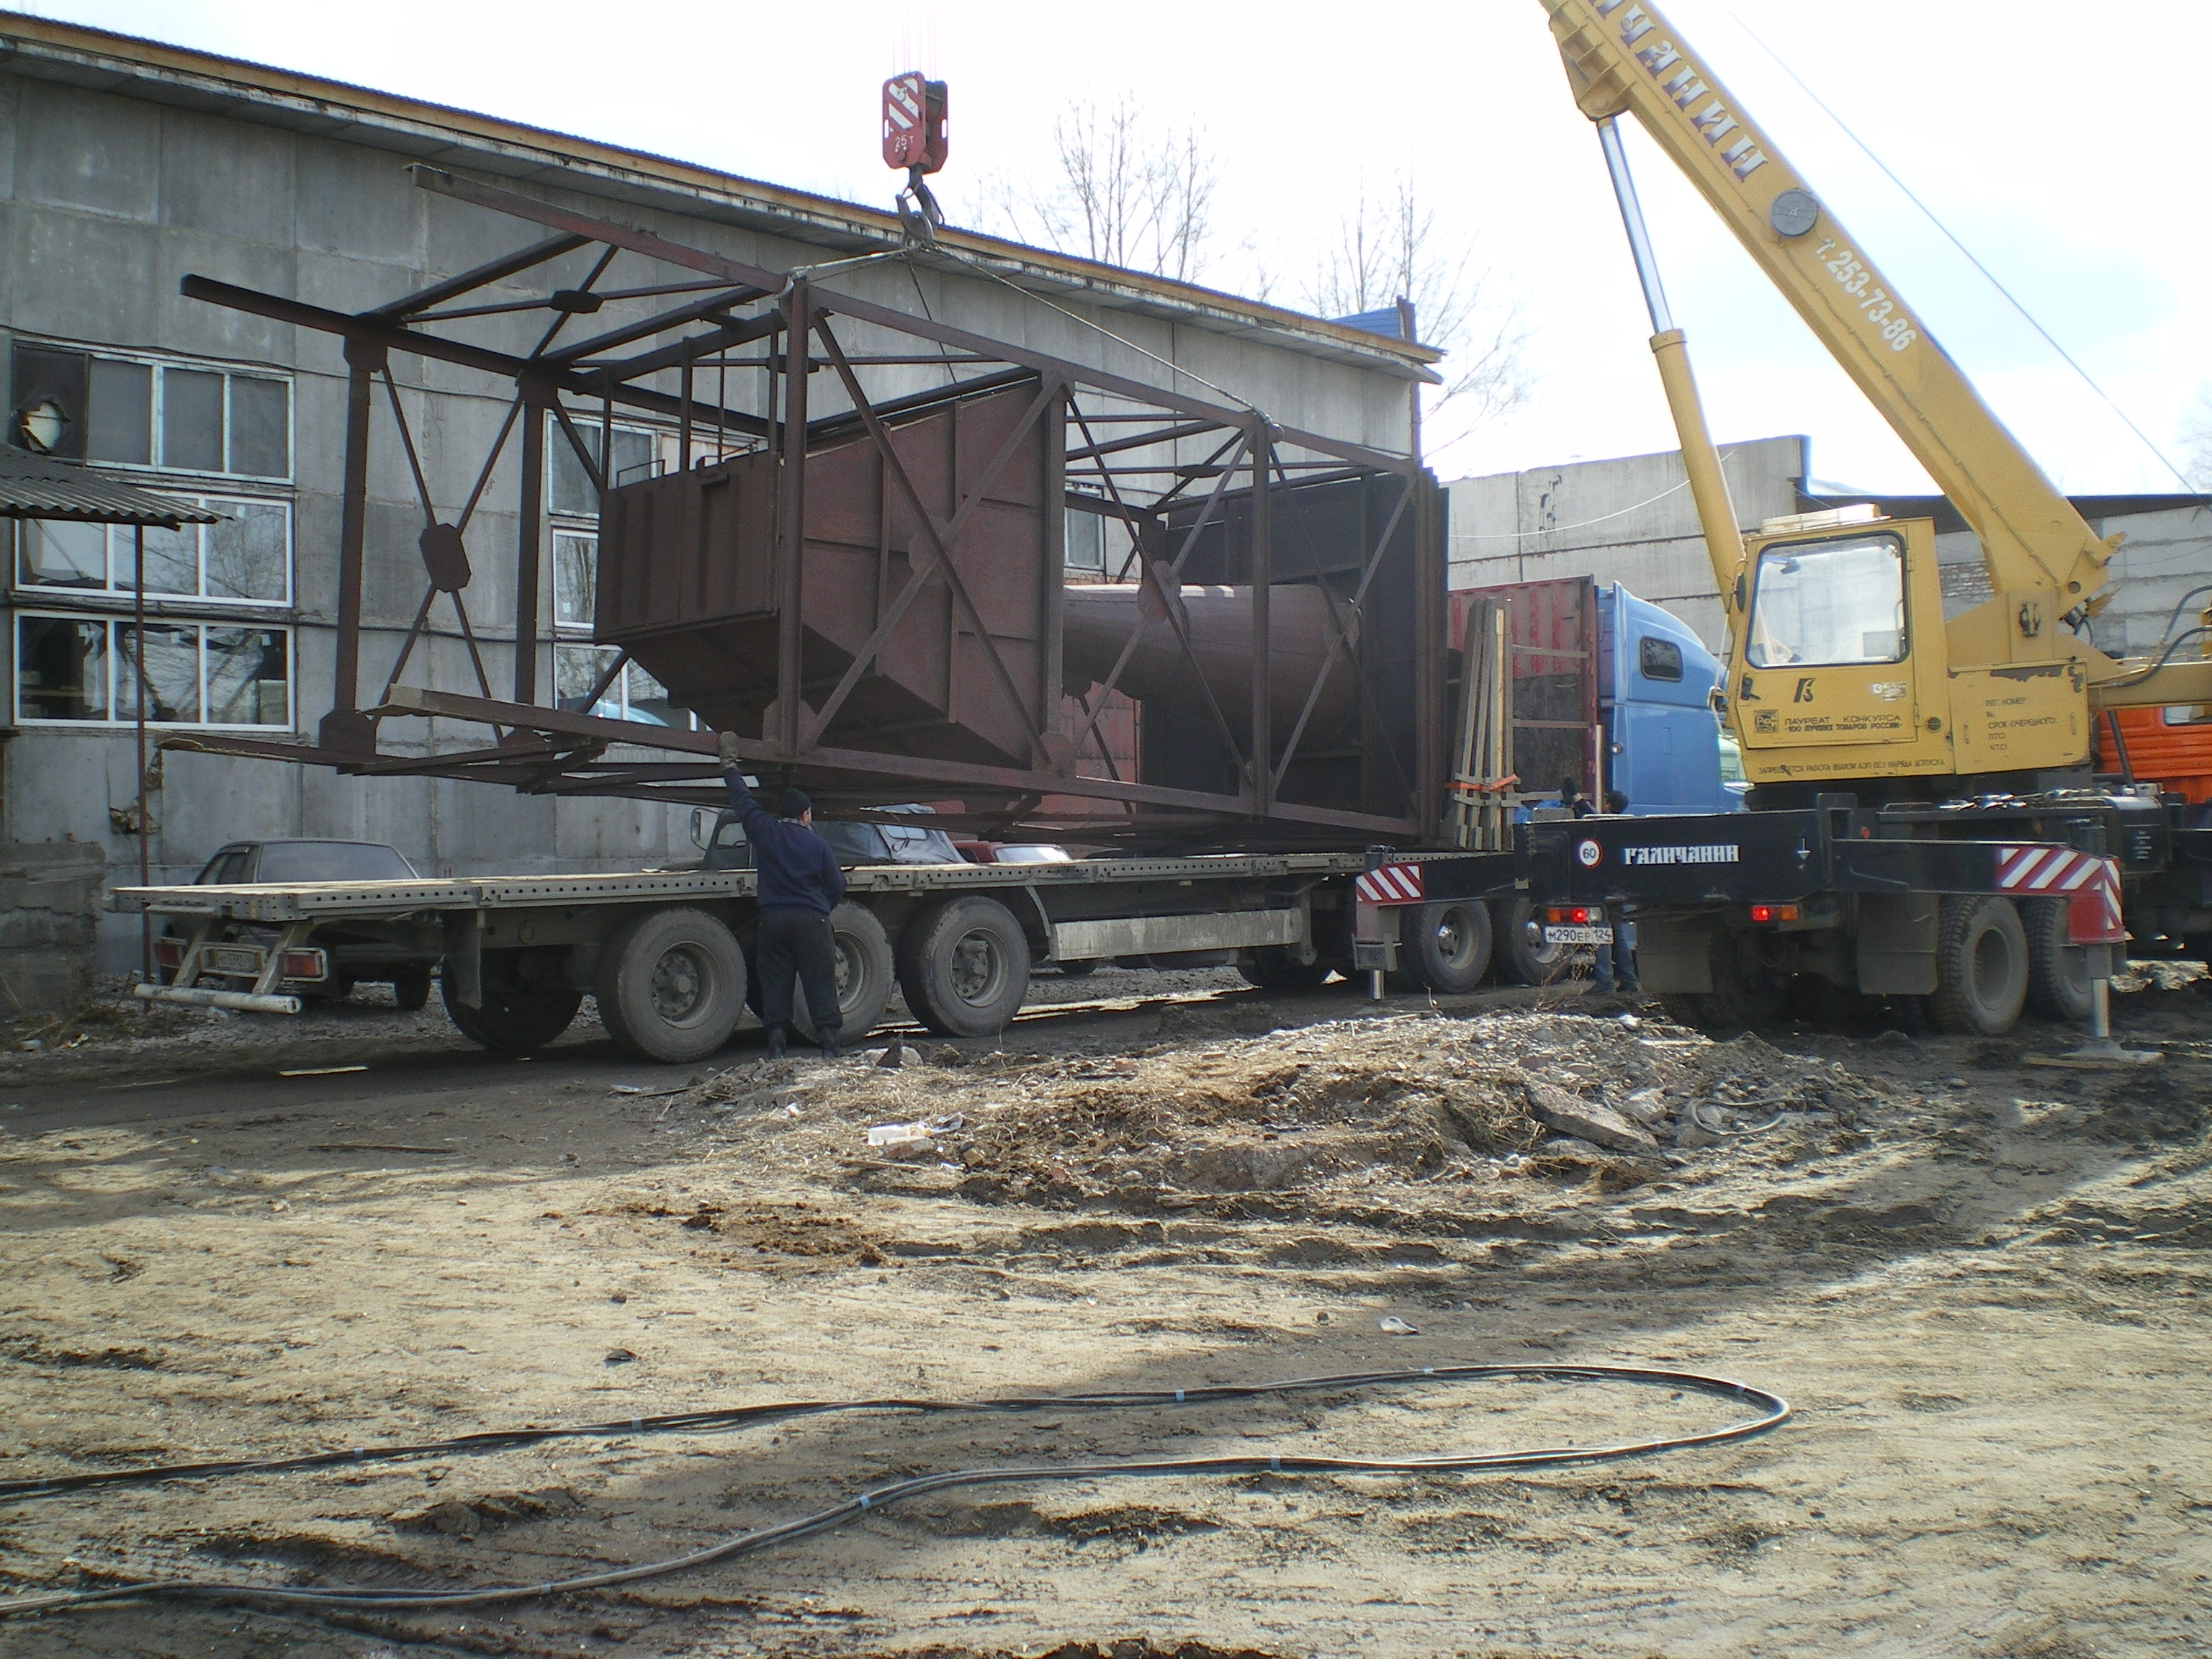 Демонтаж и погрузка циклона бункера-накопителя для дальнейшей транспортировки